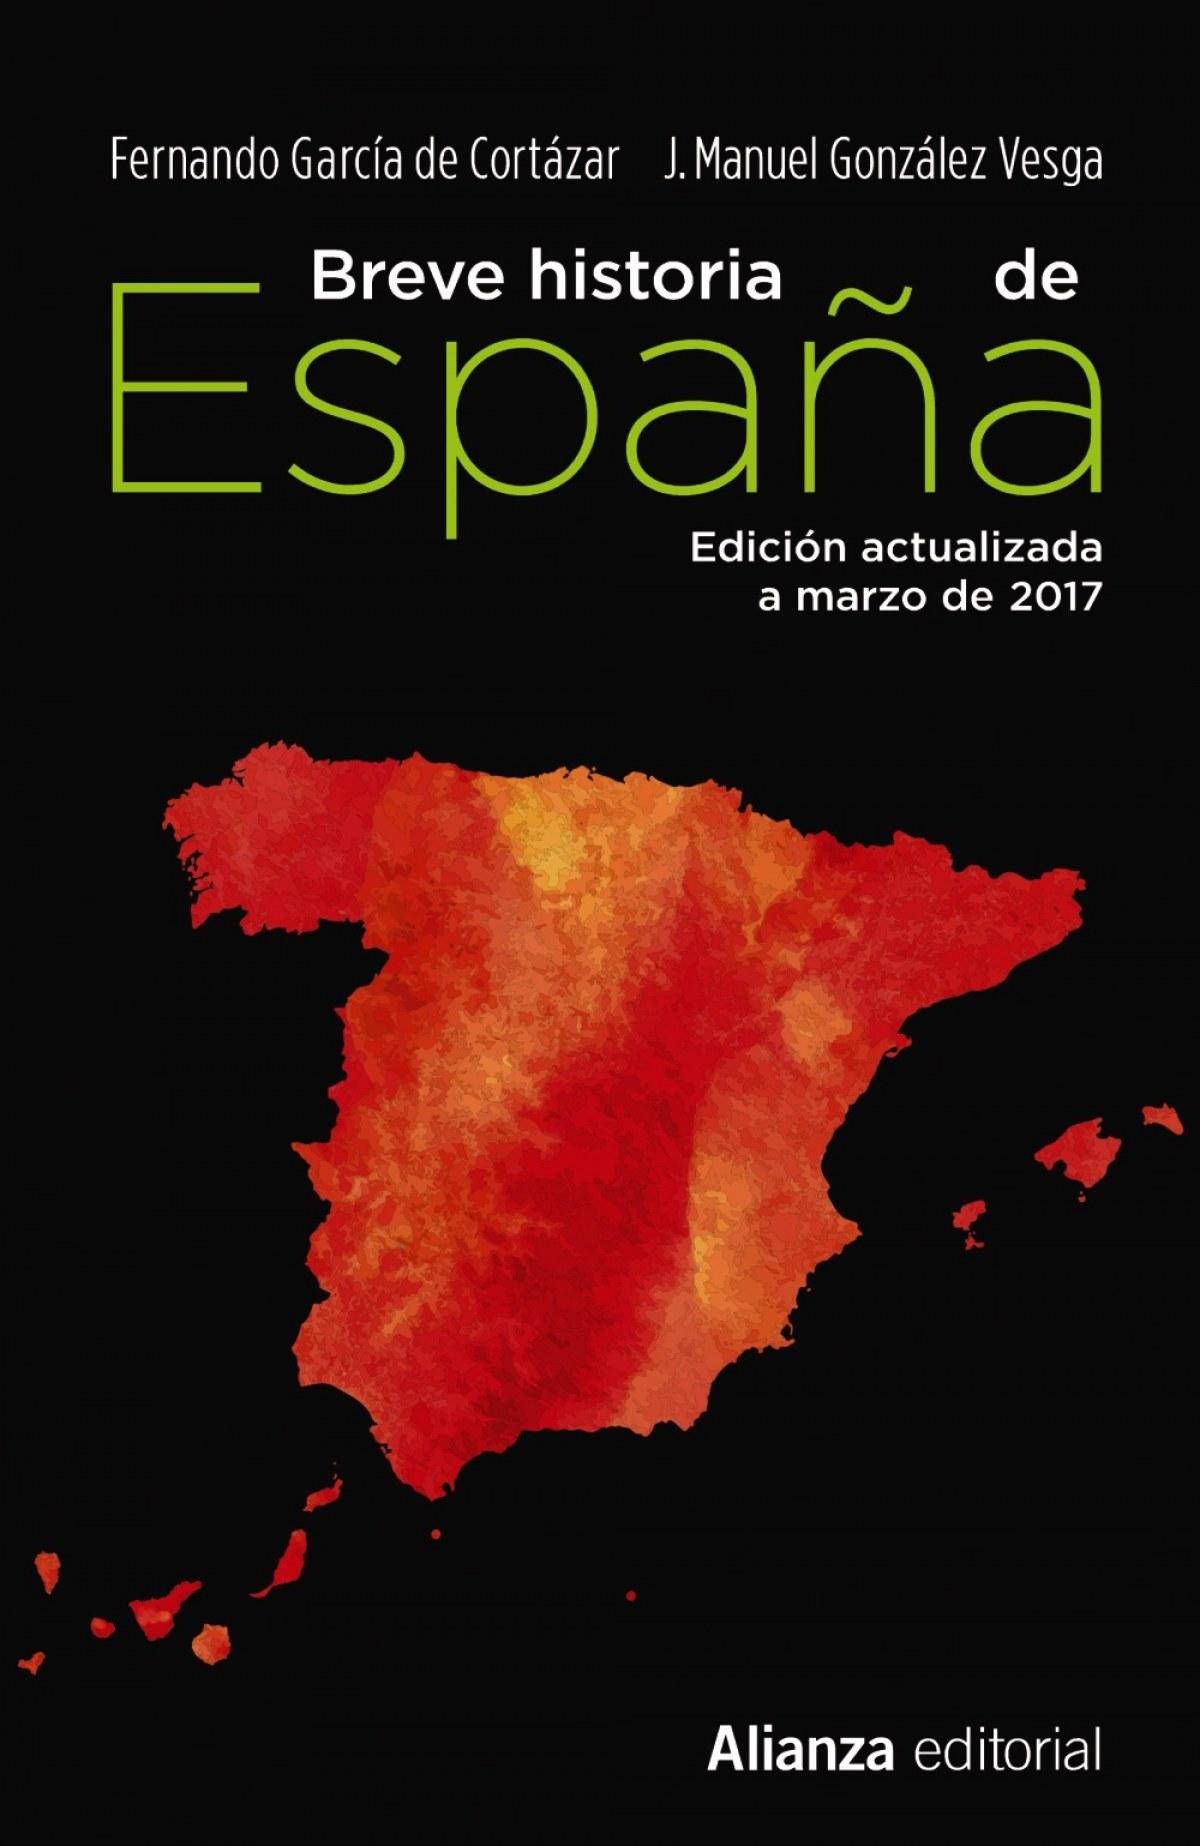 BREVE HISTORIA DE ESPAñA (2017) 9788491047568